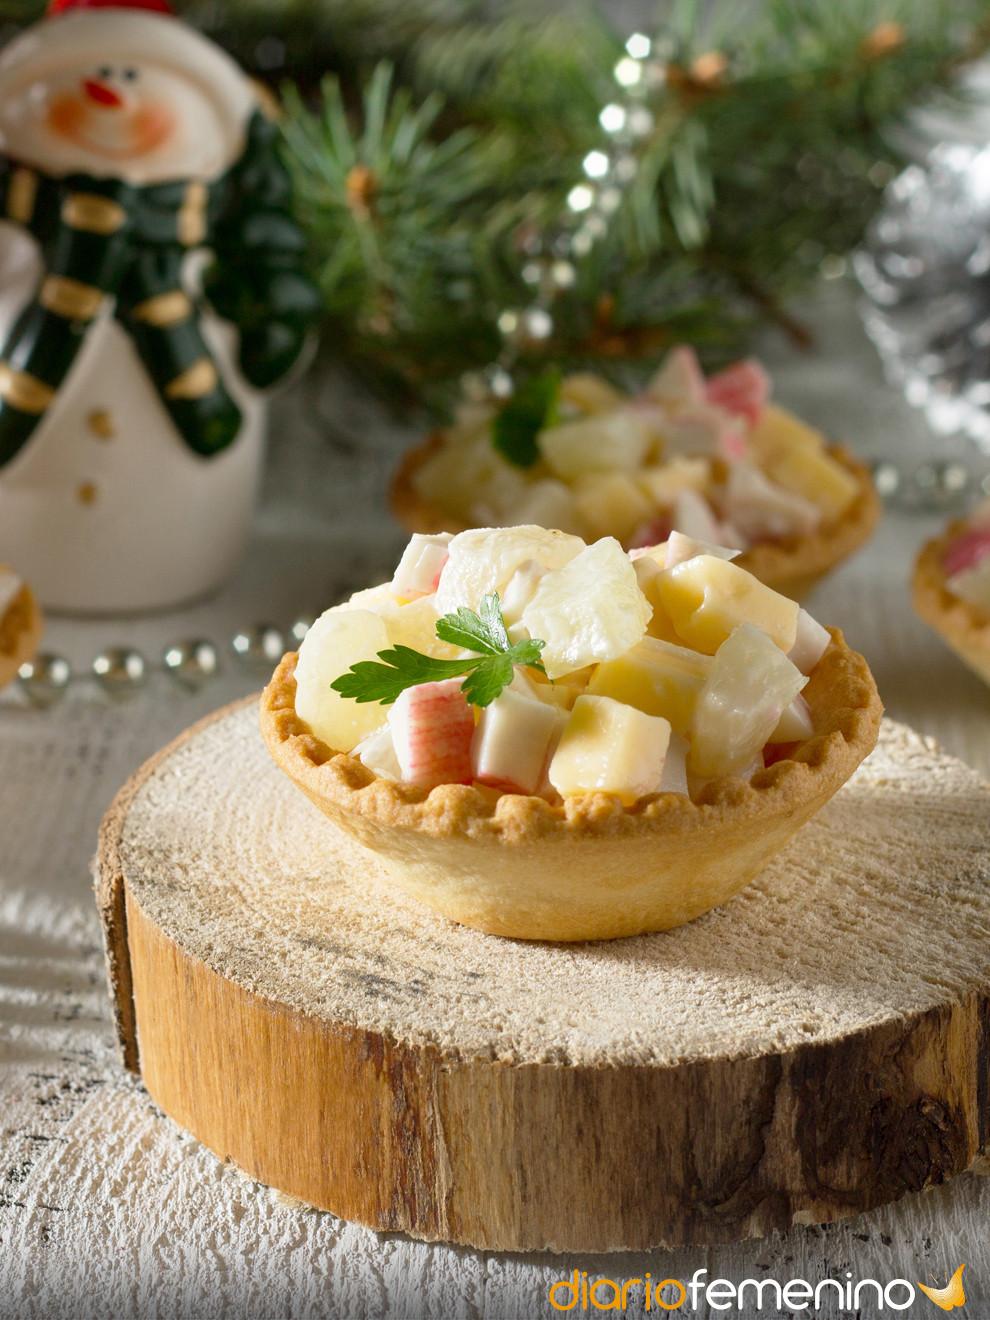 Recetas Frías Para Navidad De Entrantes Y Primeros